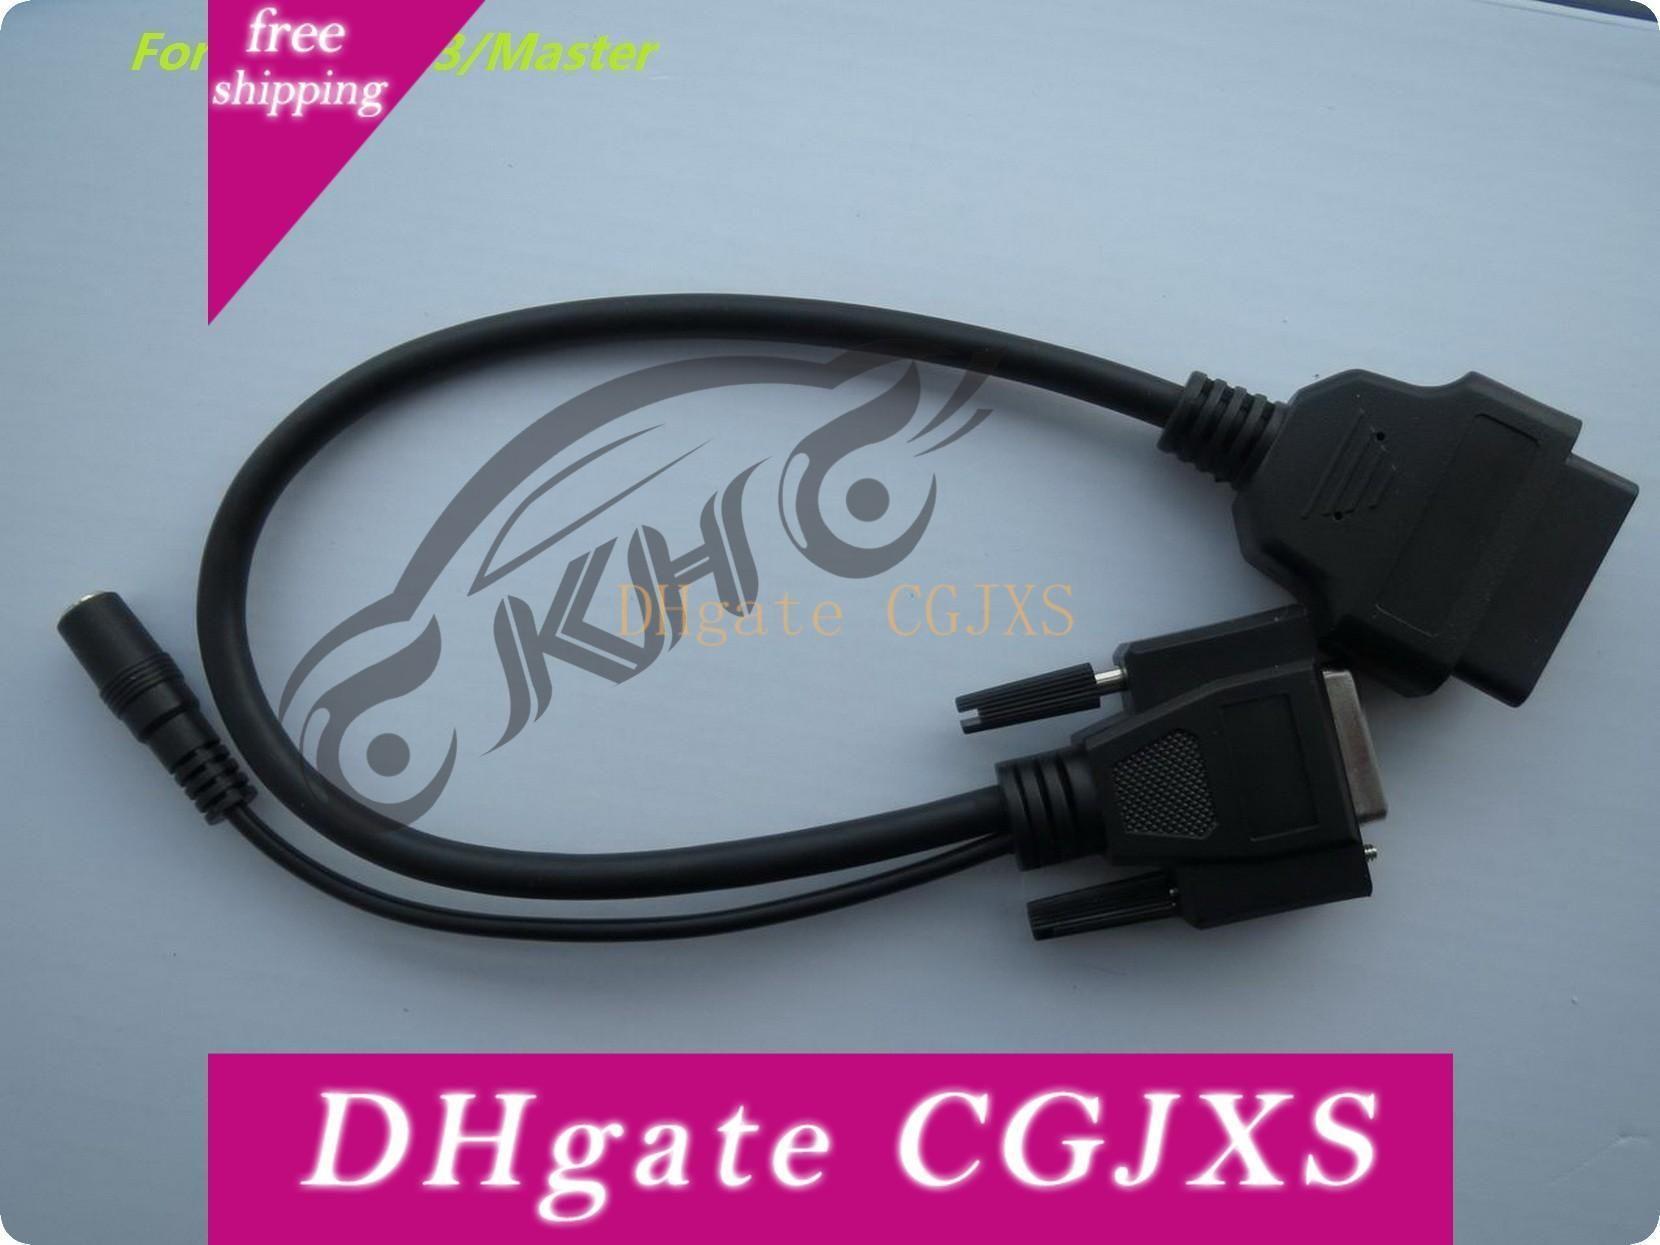 Für Einführung X431 OBD-I Adapter Switch Box Wiring drahtlose Bluetooth-Adapterkabel Adapter Gx3 Meister X431 Pro Pro3 3g Pad